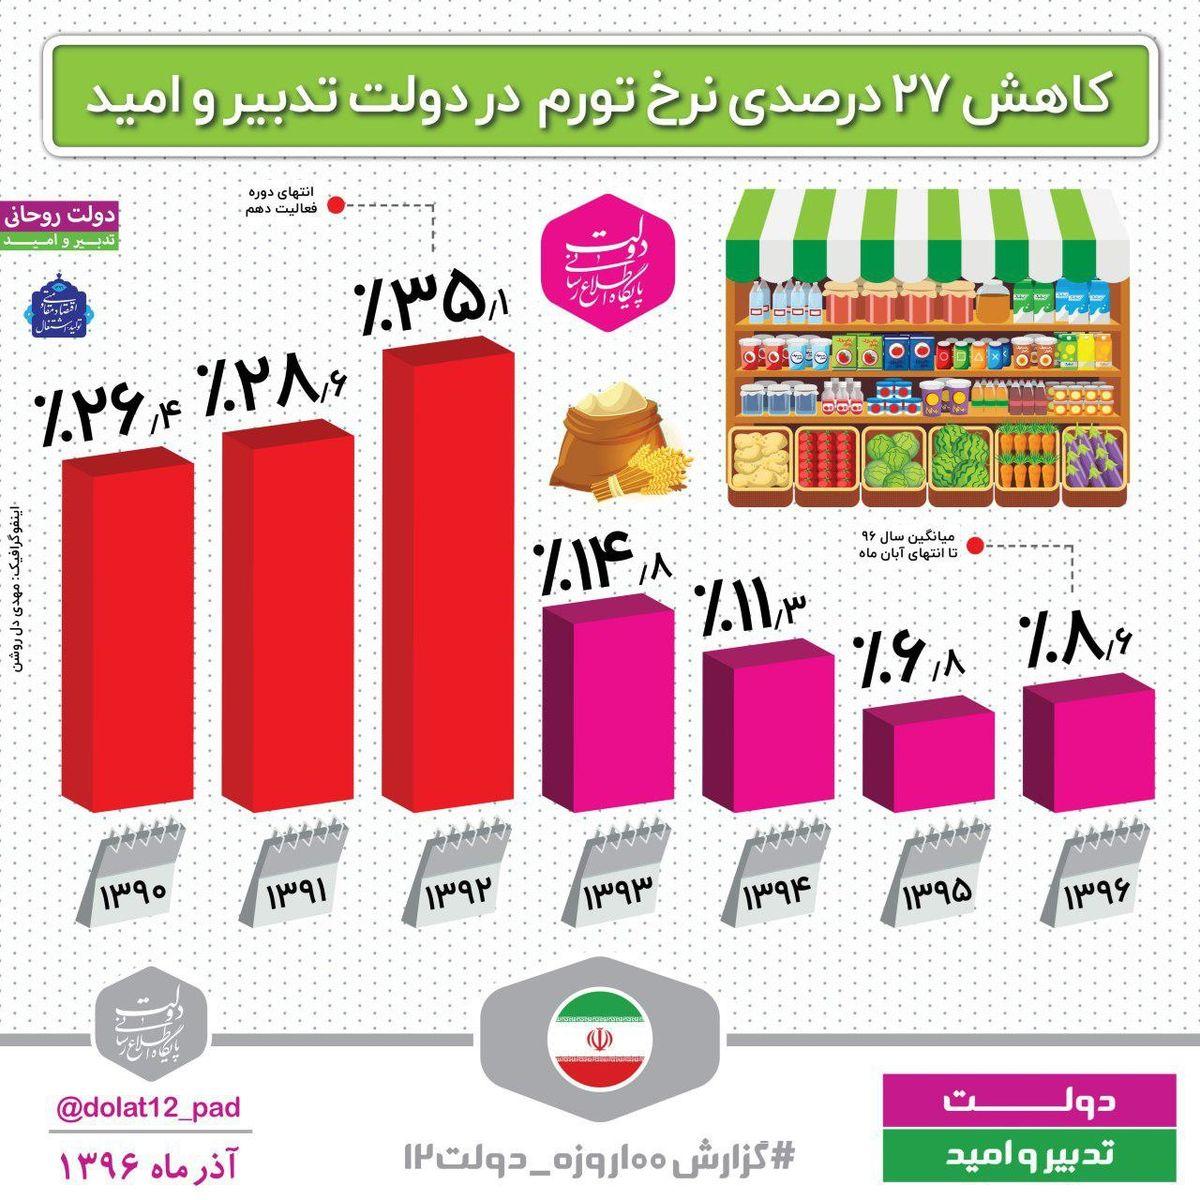 کاهش ۲۷درصدی نرخ تورم در دولت روحانی +اینفوگرافیک